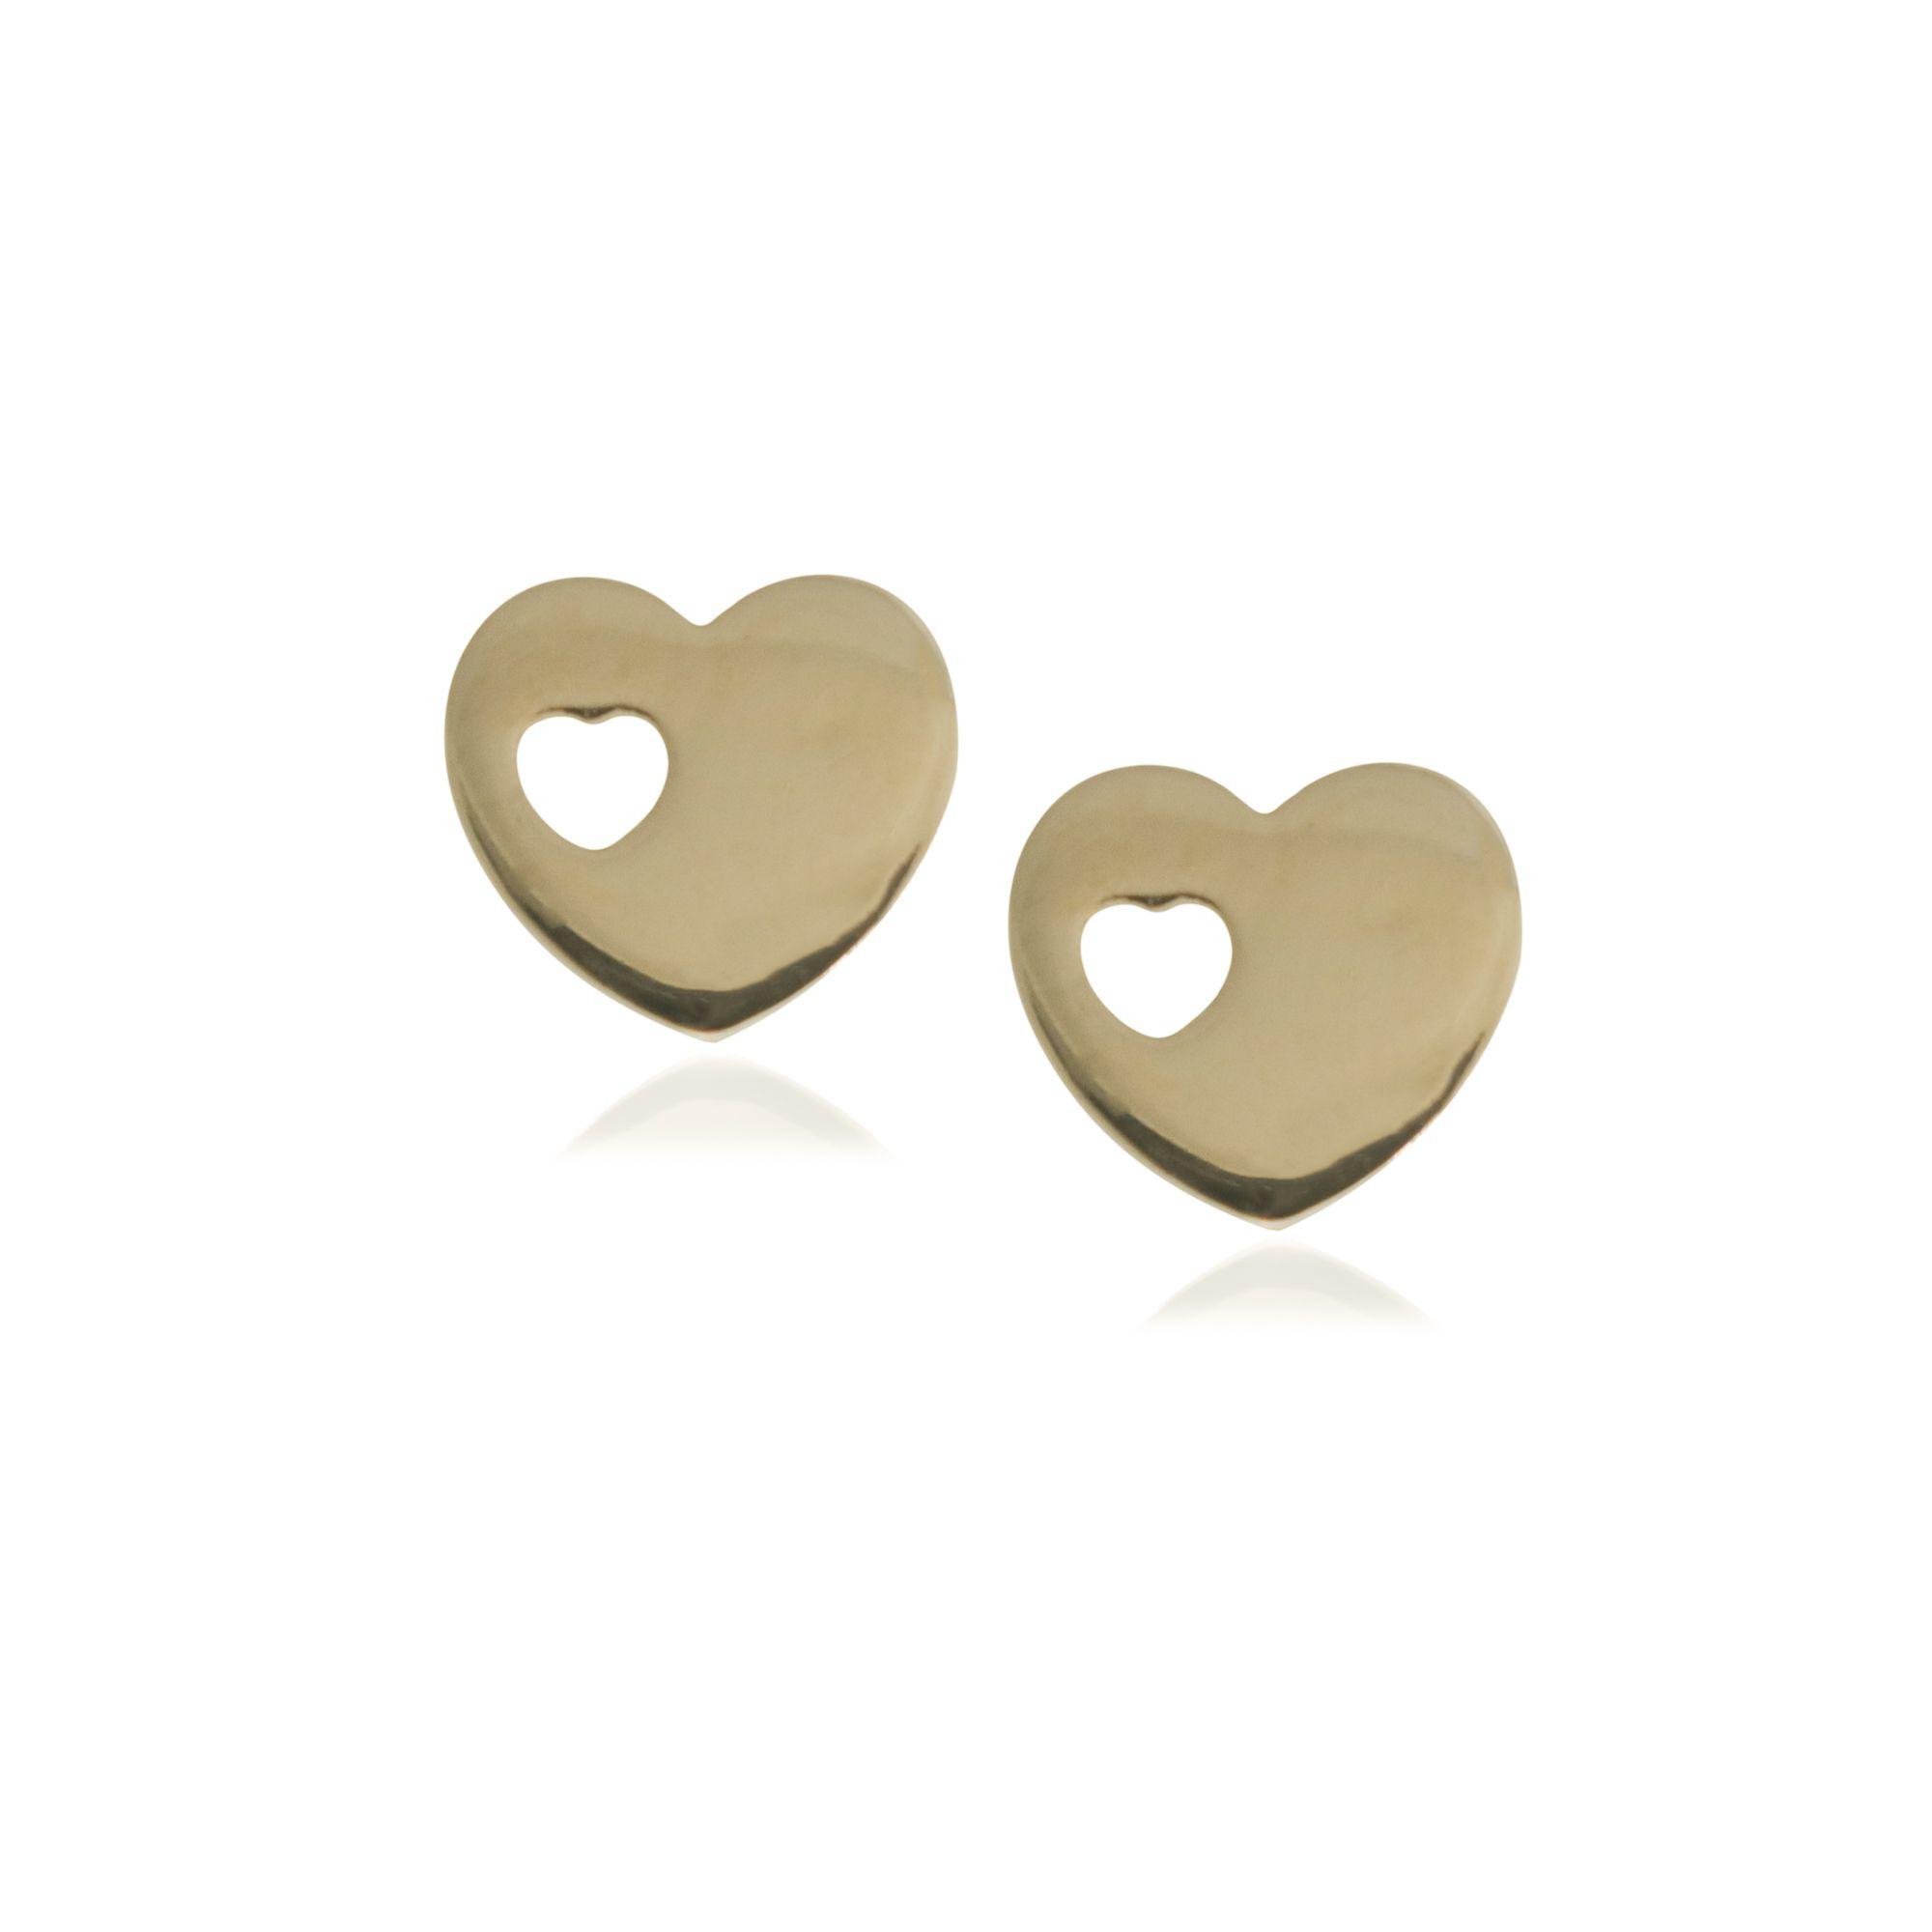 Brinco Semi joia coração vazado banhado a ouro 18k ou rhodium